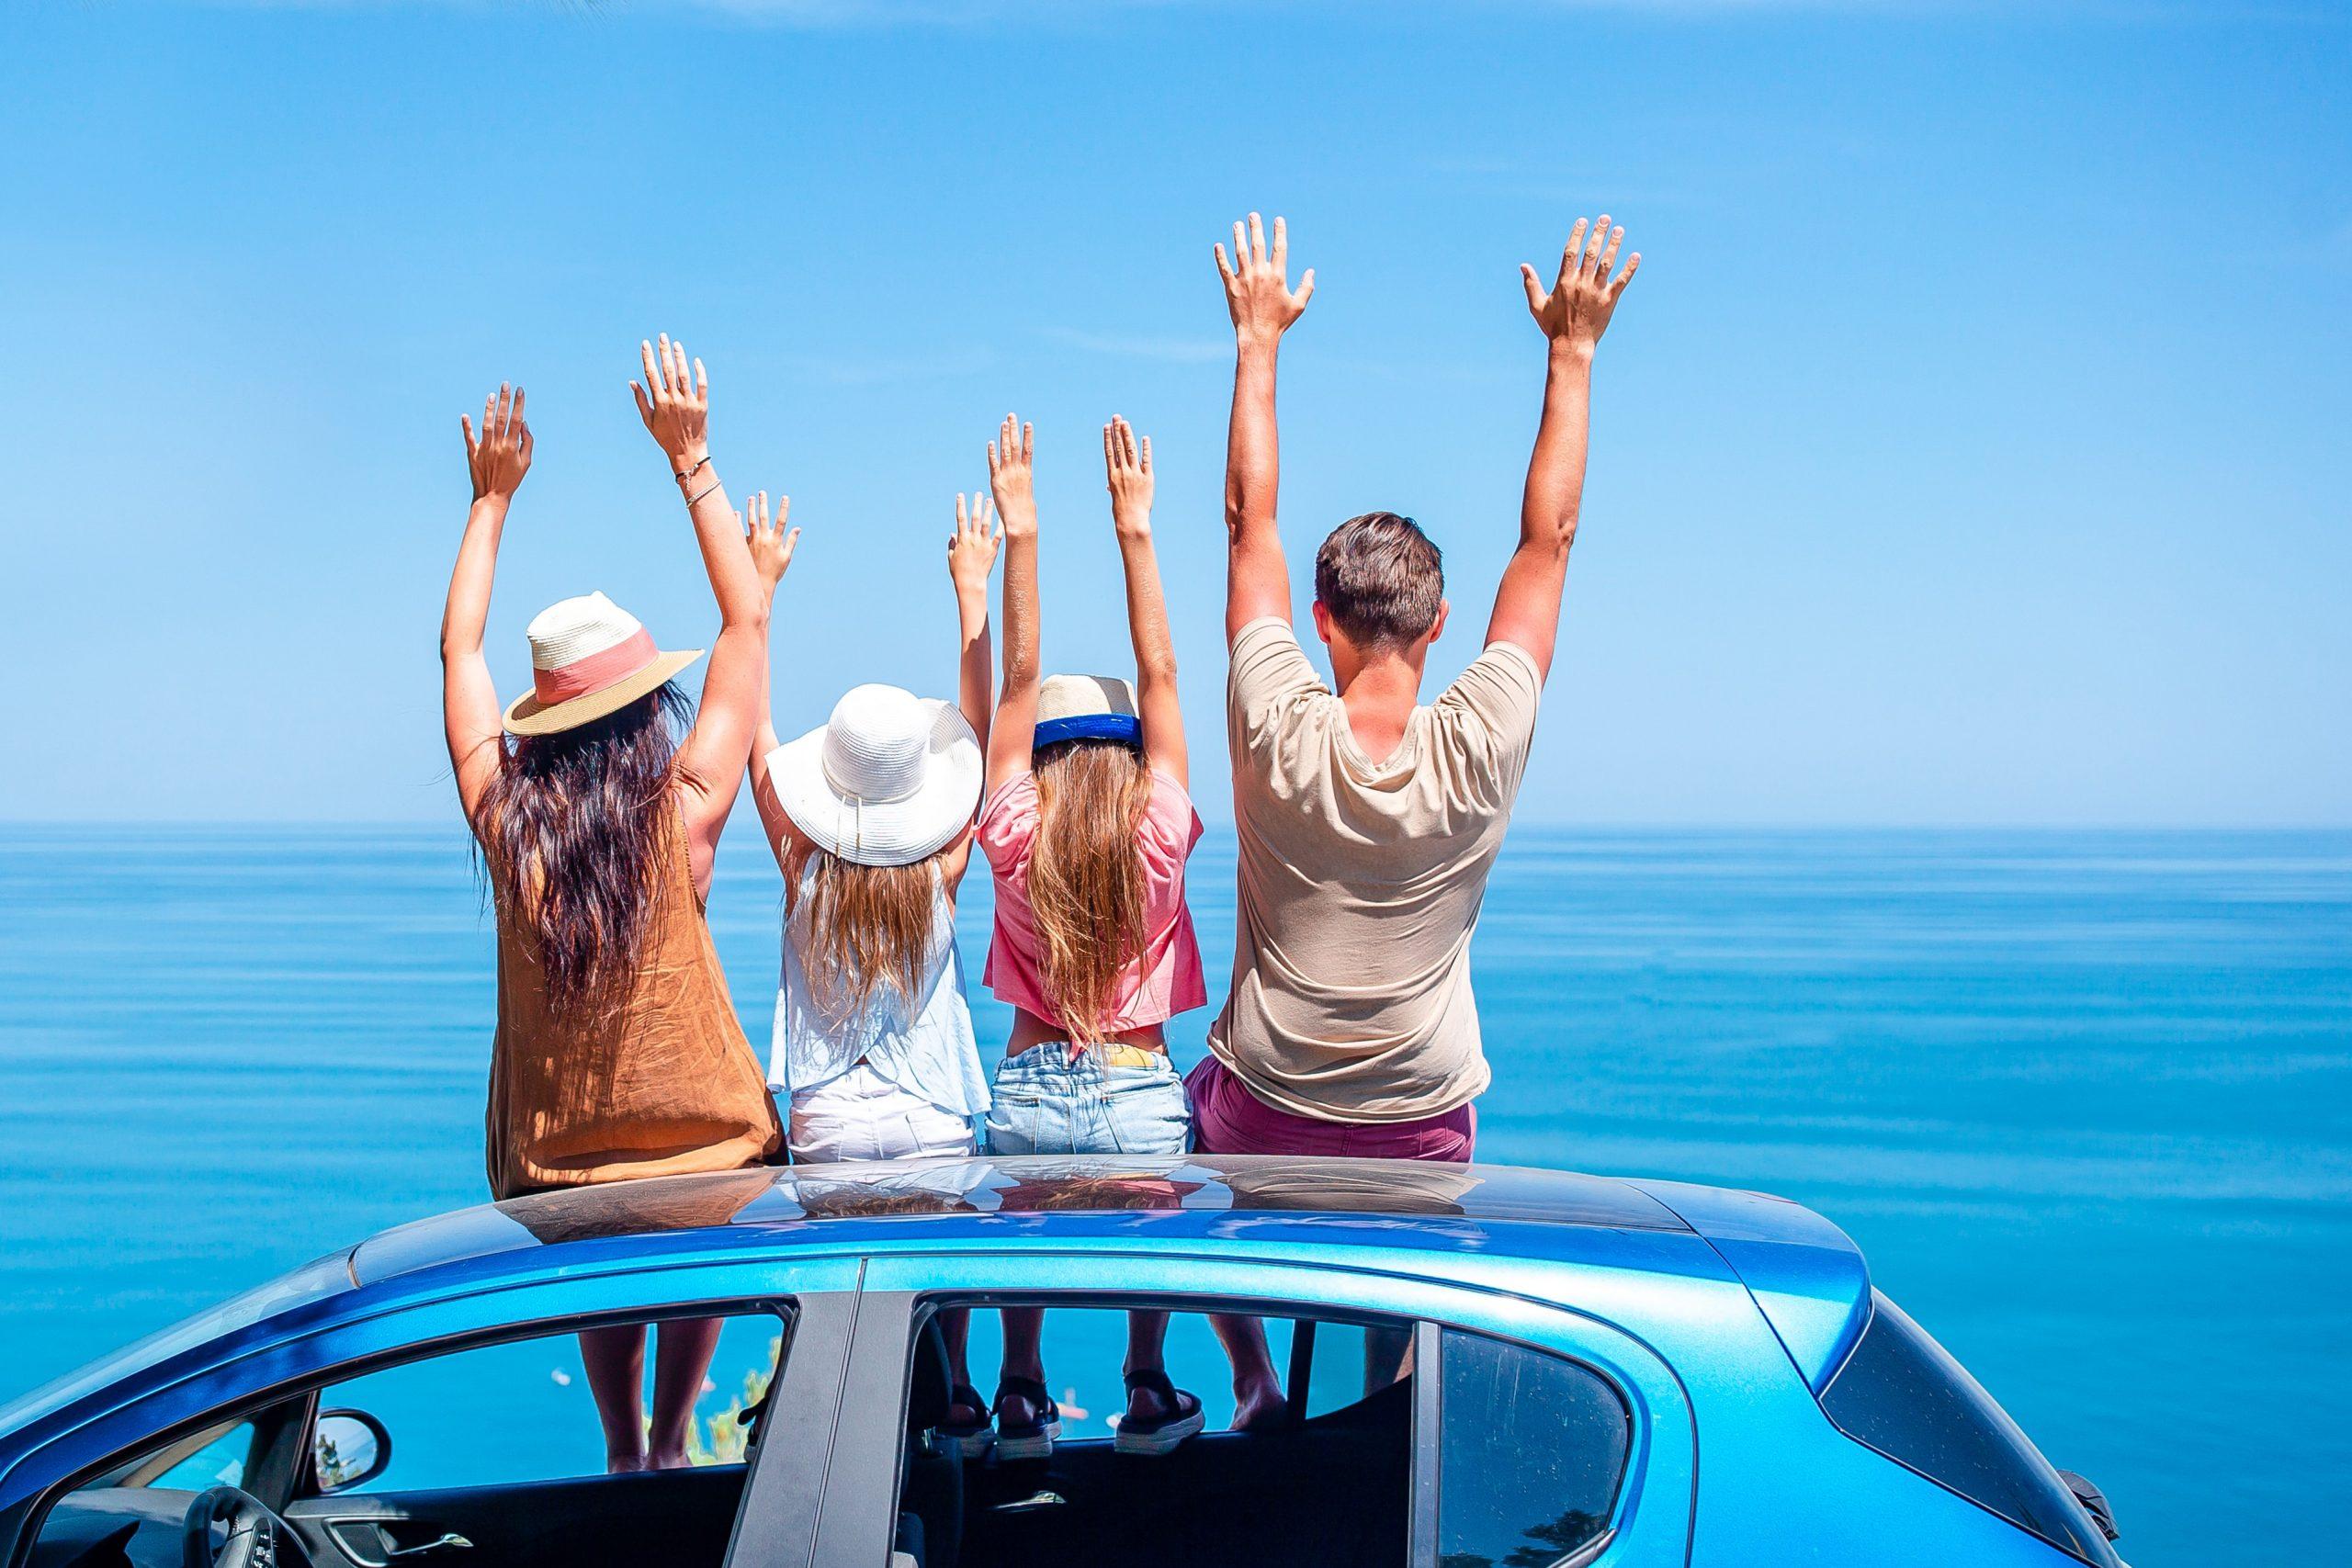 Bilde av en familie på ferie som sitter oppå bilen